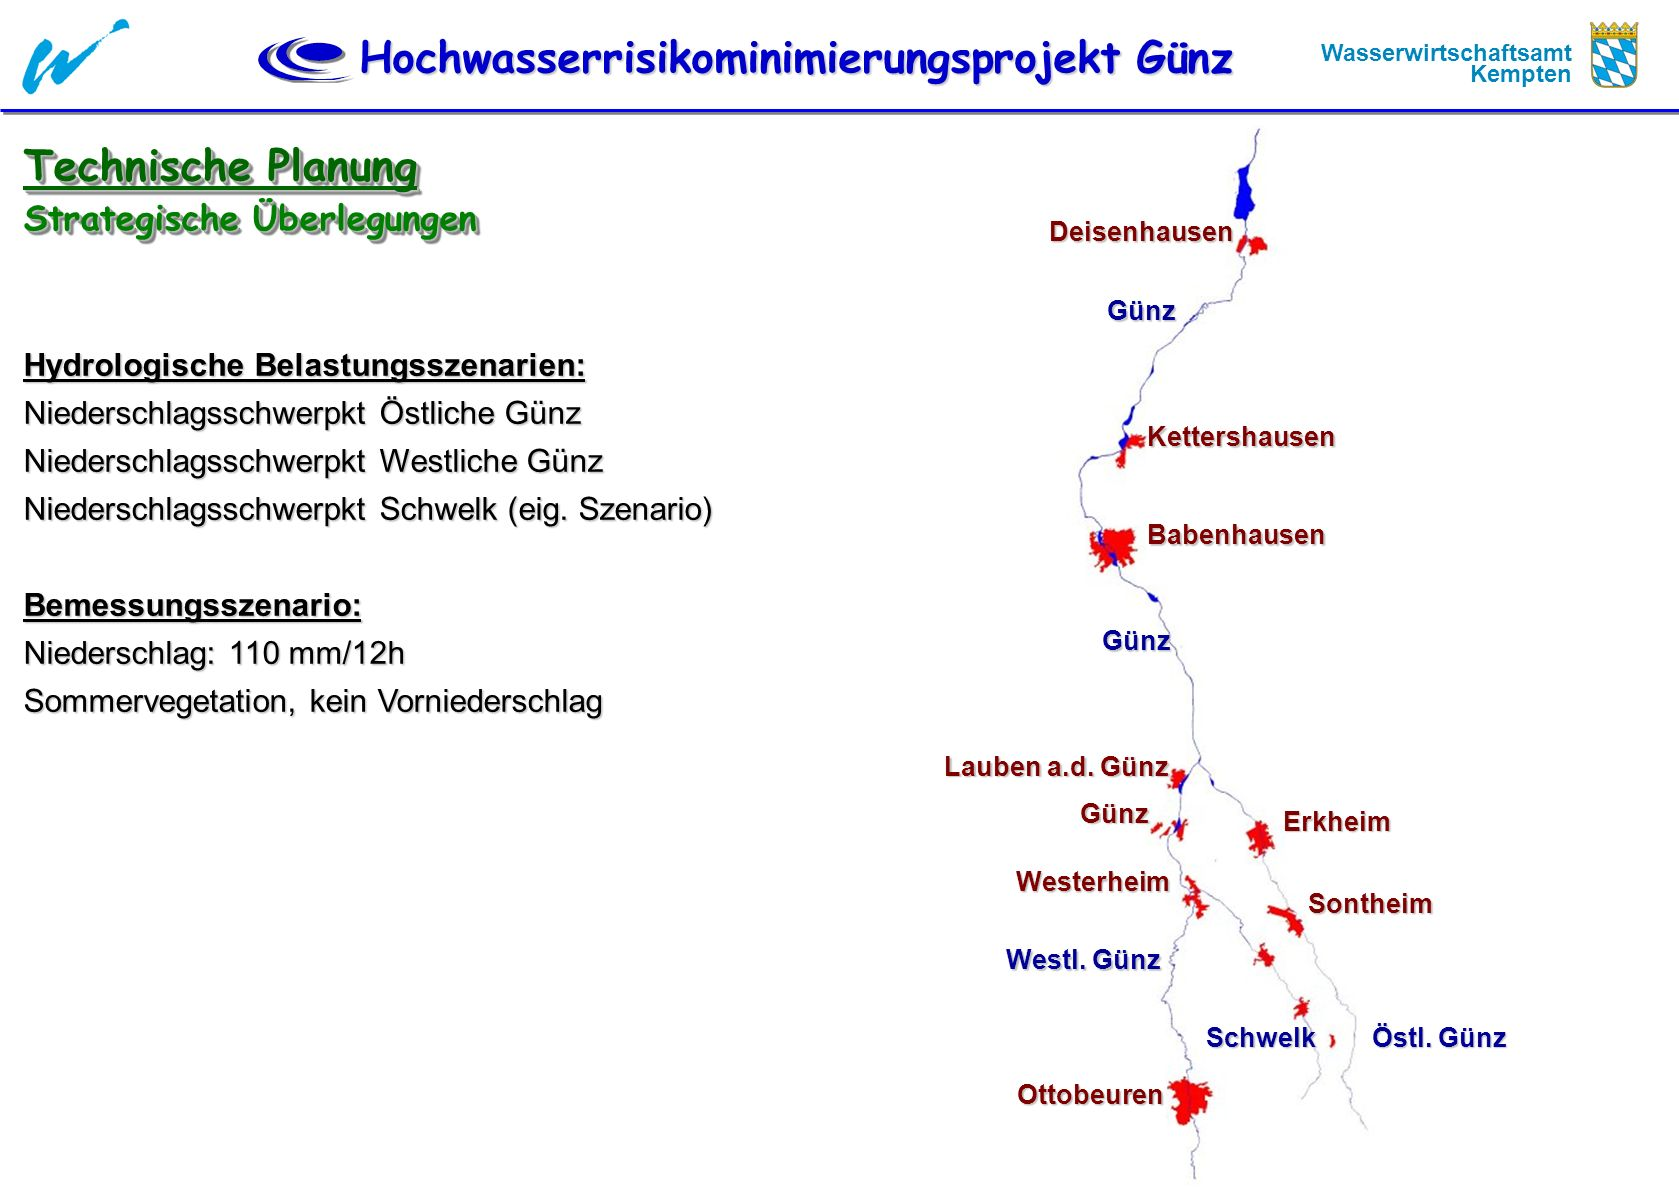 Hochwasserrisikominimierungsprojekt Günz Wasserwirtschaftsamt Kempten Technische Planung Strategische Überlegungen Hydrologische Belastungsszenarien: